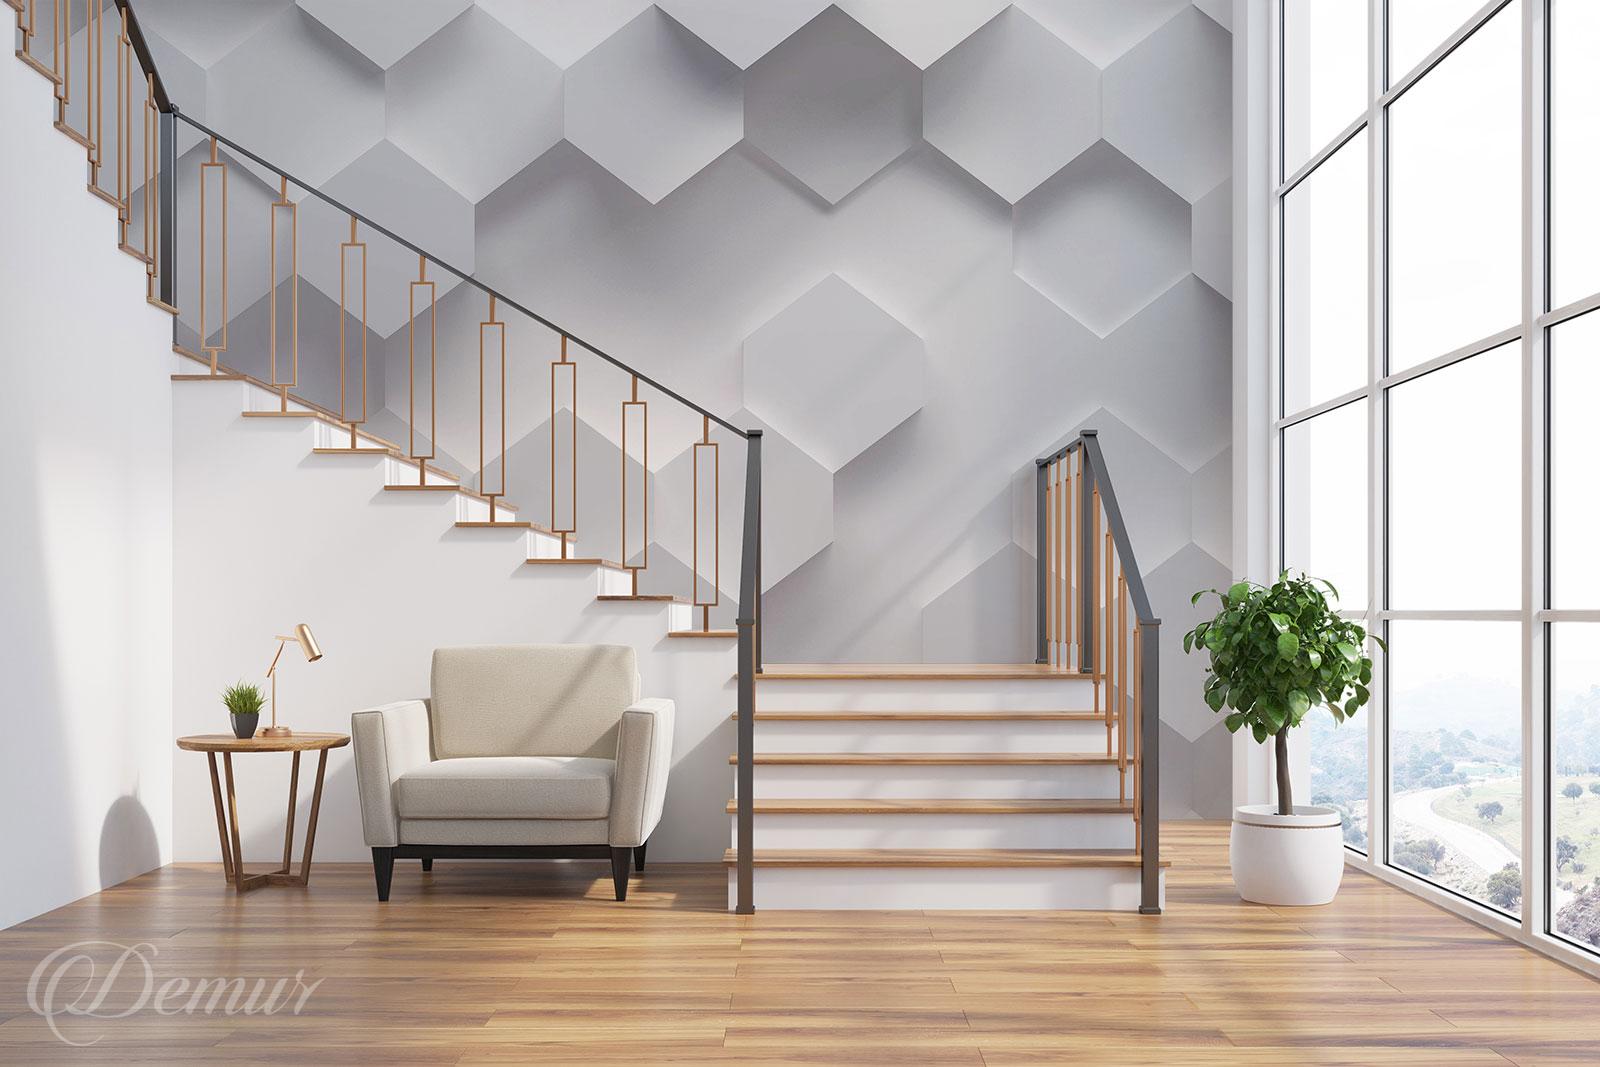 Fototapeta Trójwymiarowe Heksagony - Pomysł na ścianę przy schodach - Demur